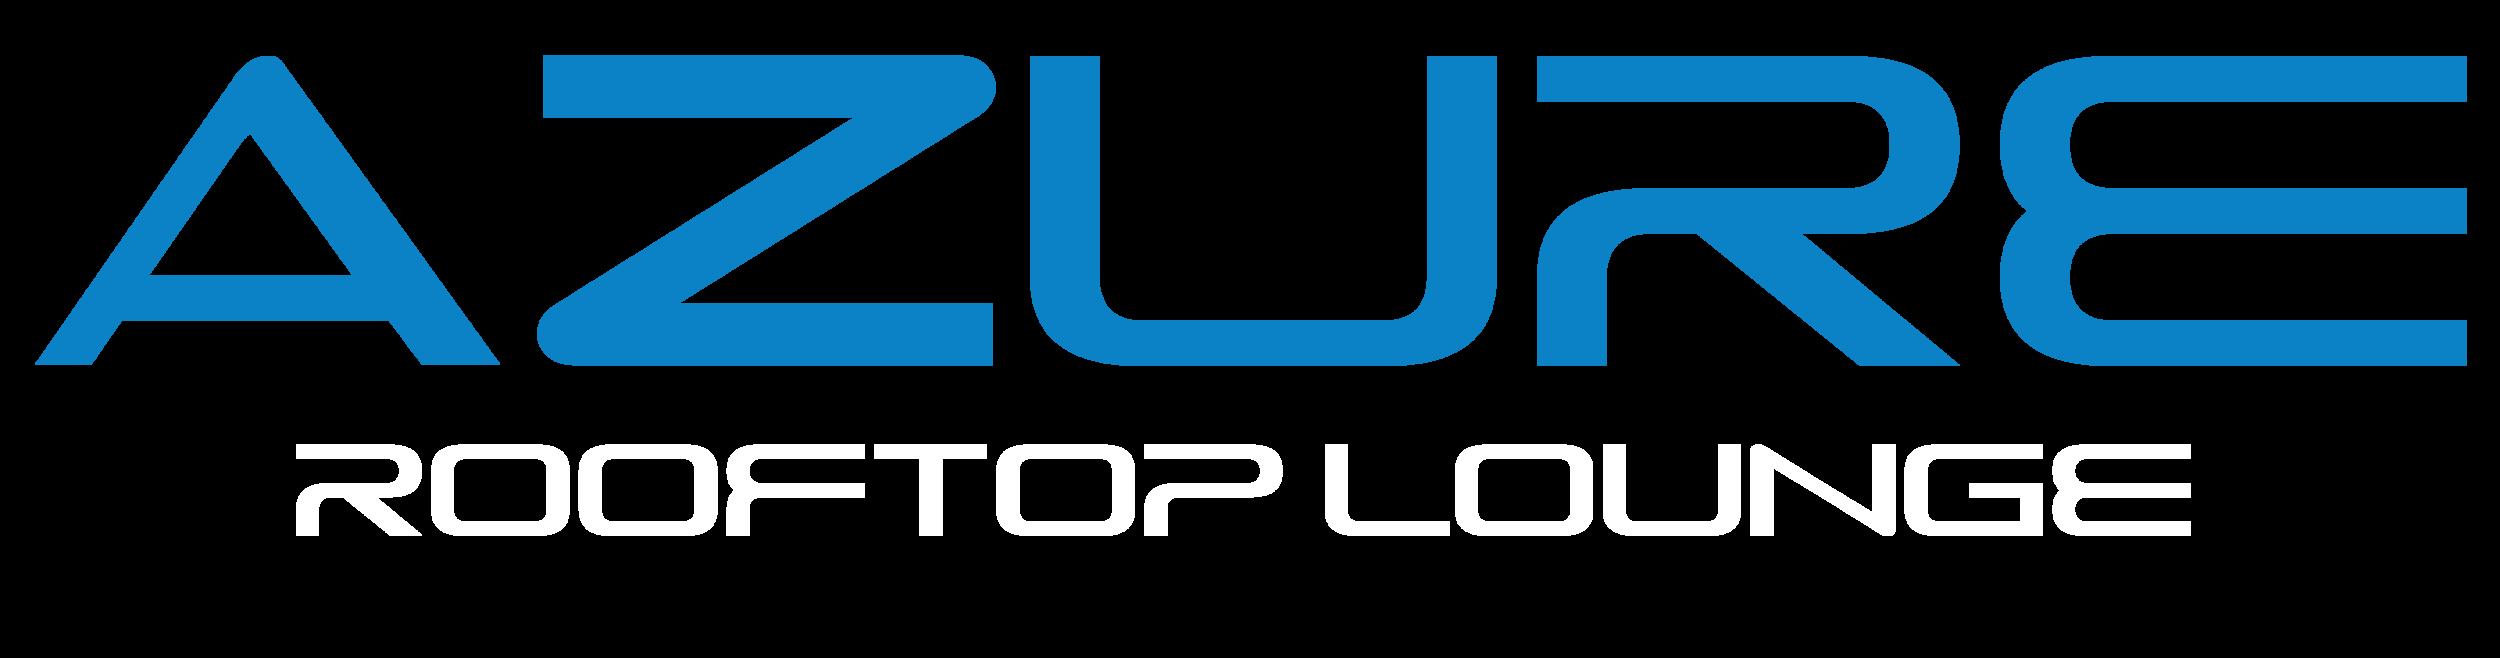 Azure-Logo-white.png